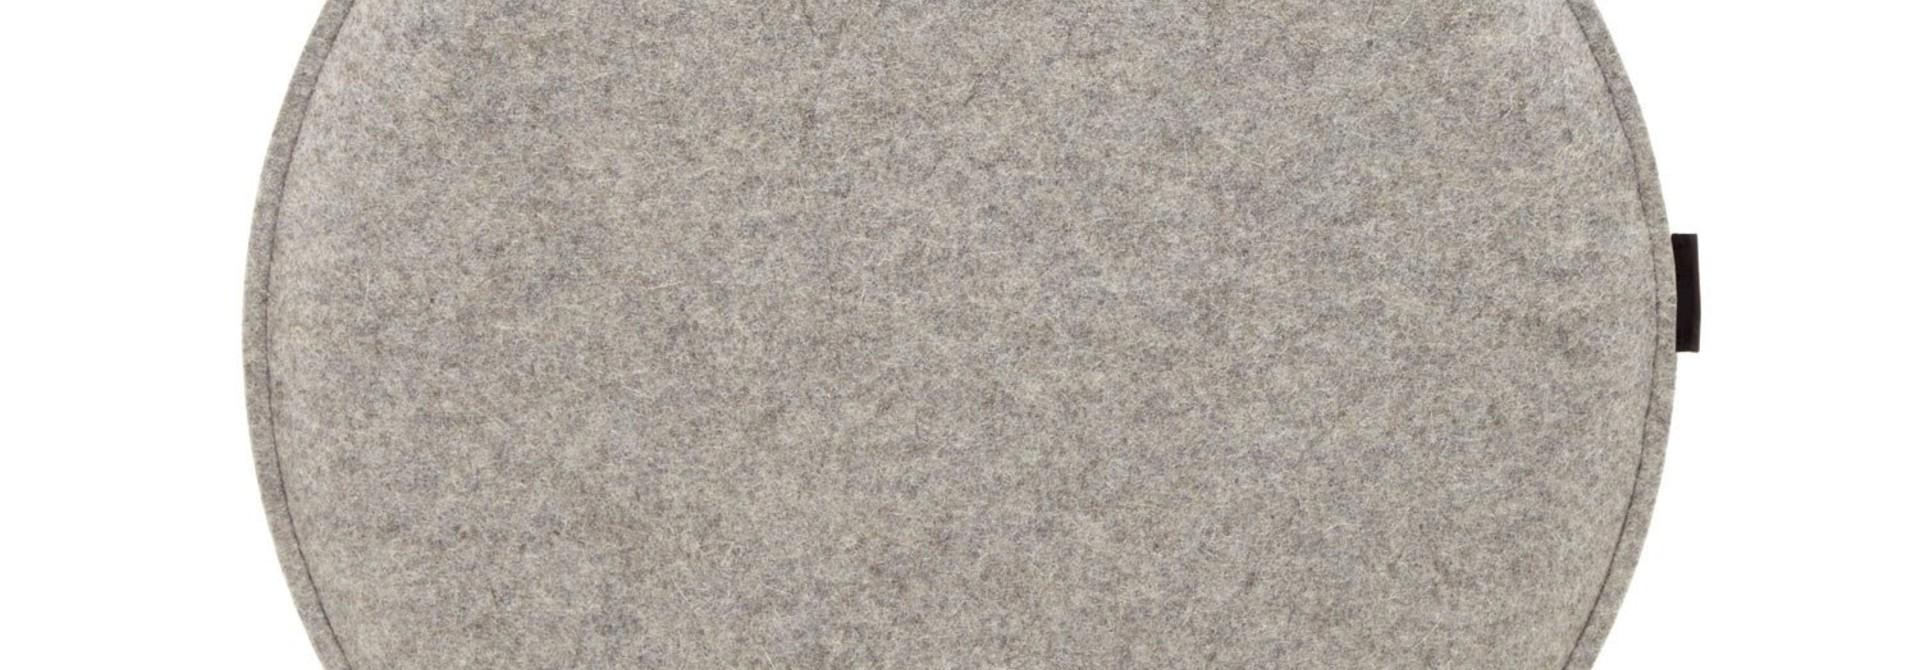 Seat Pad - Round - Granite